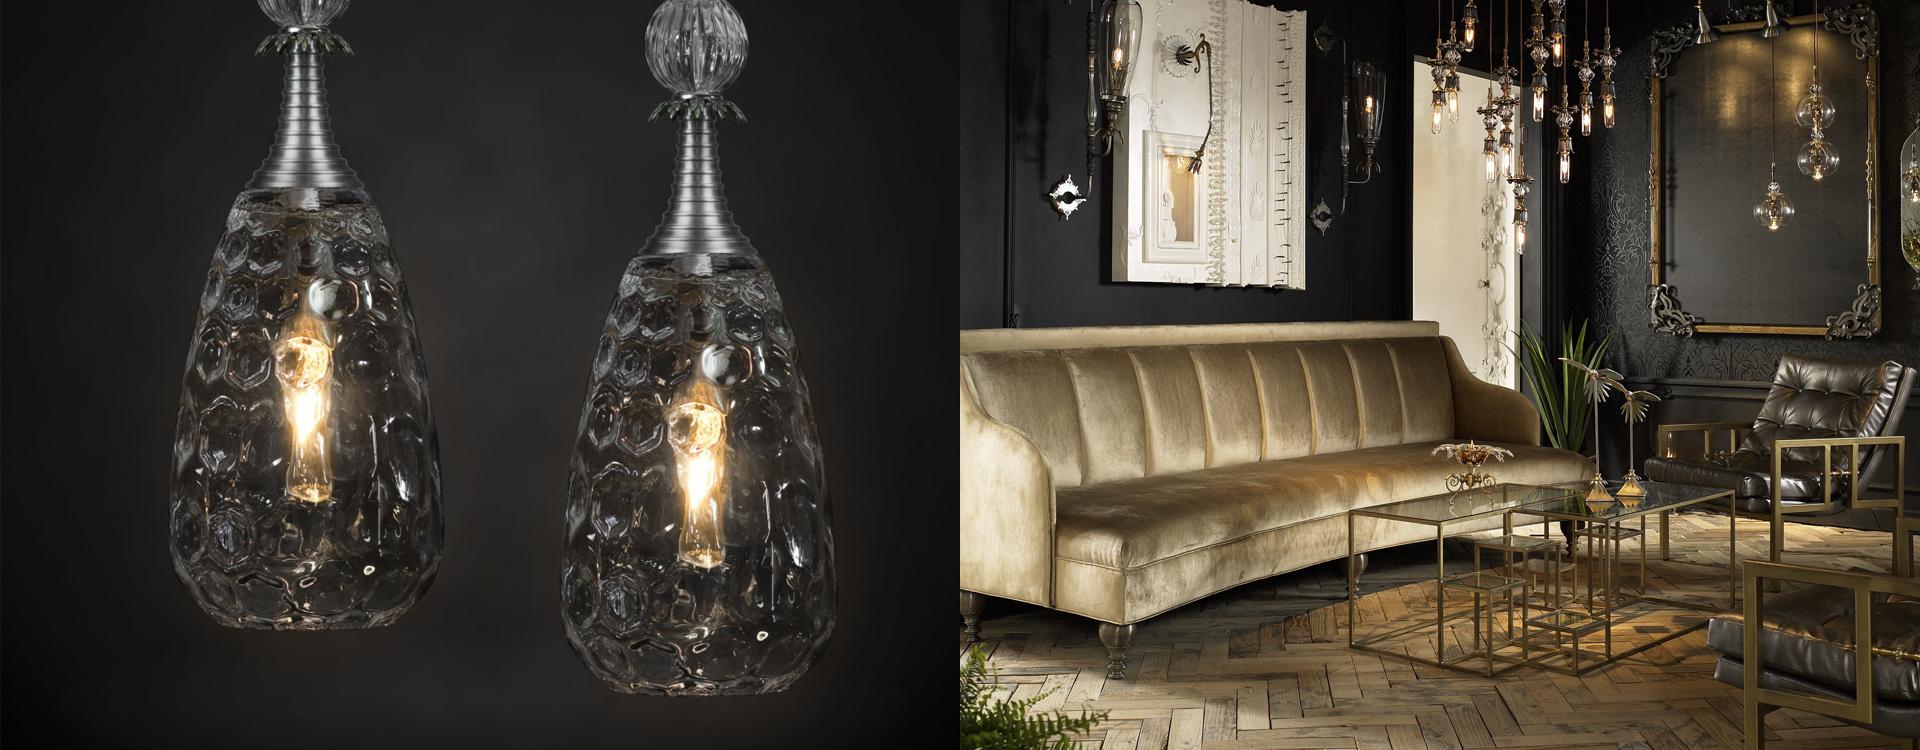 Home Furnishings & Lighting Store